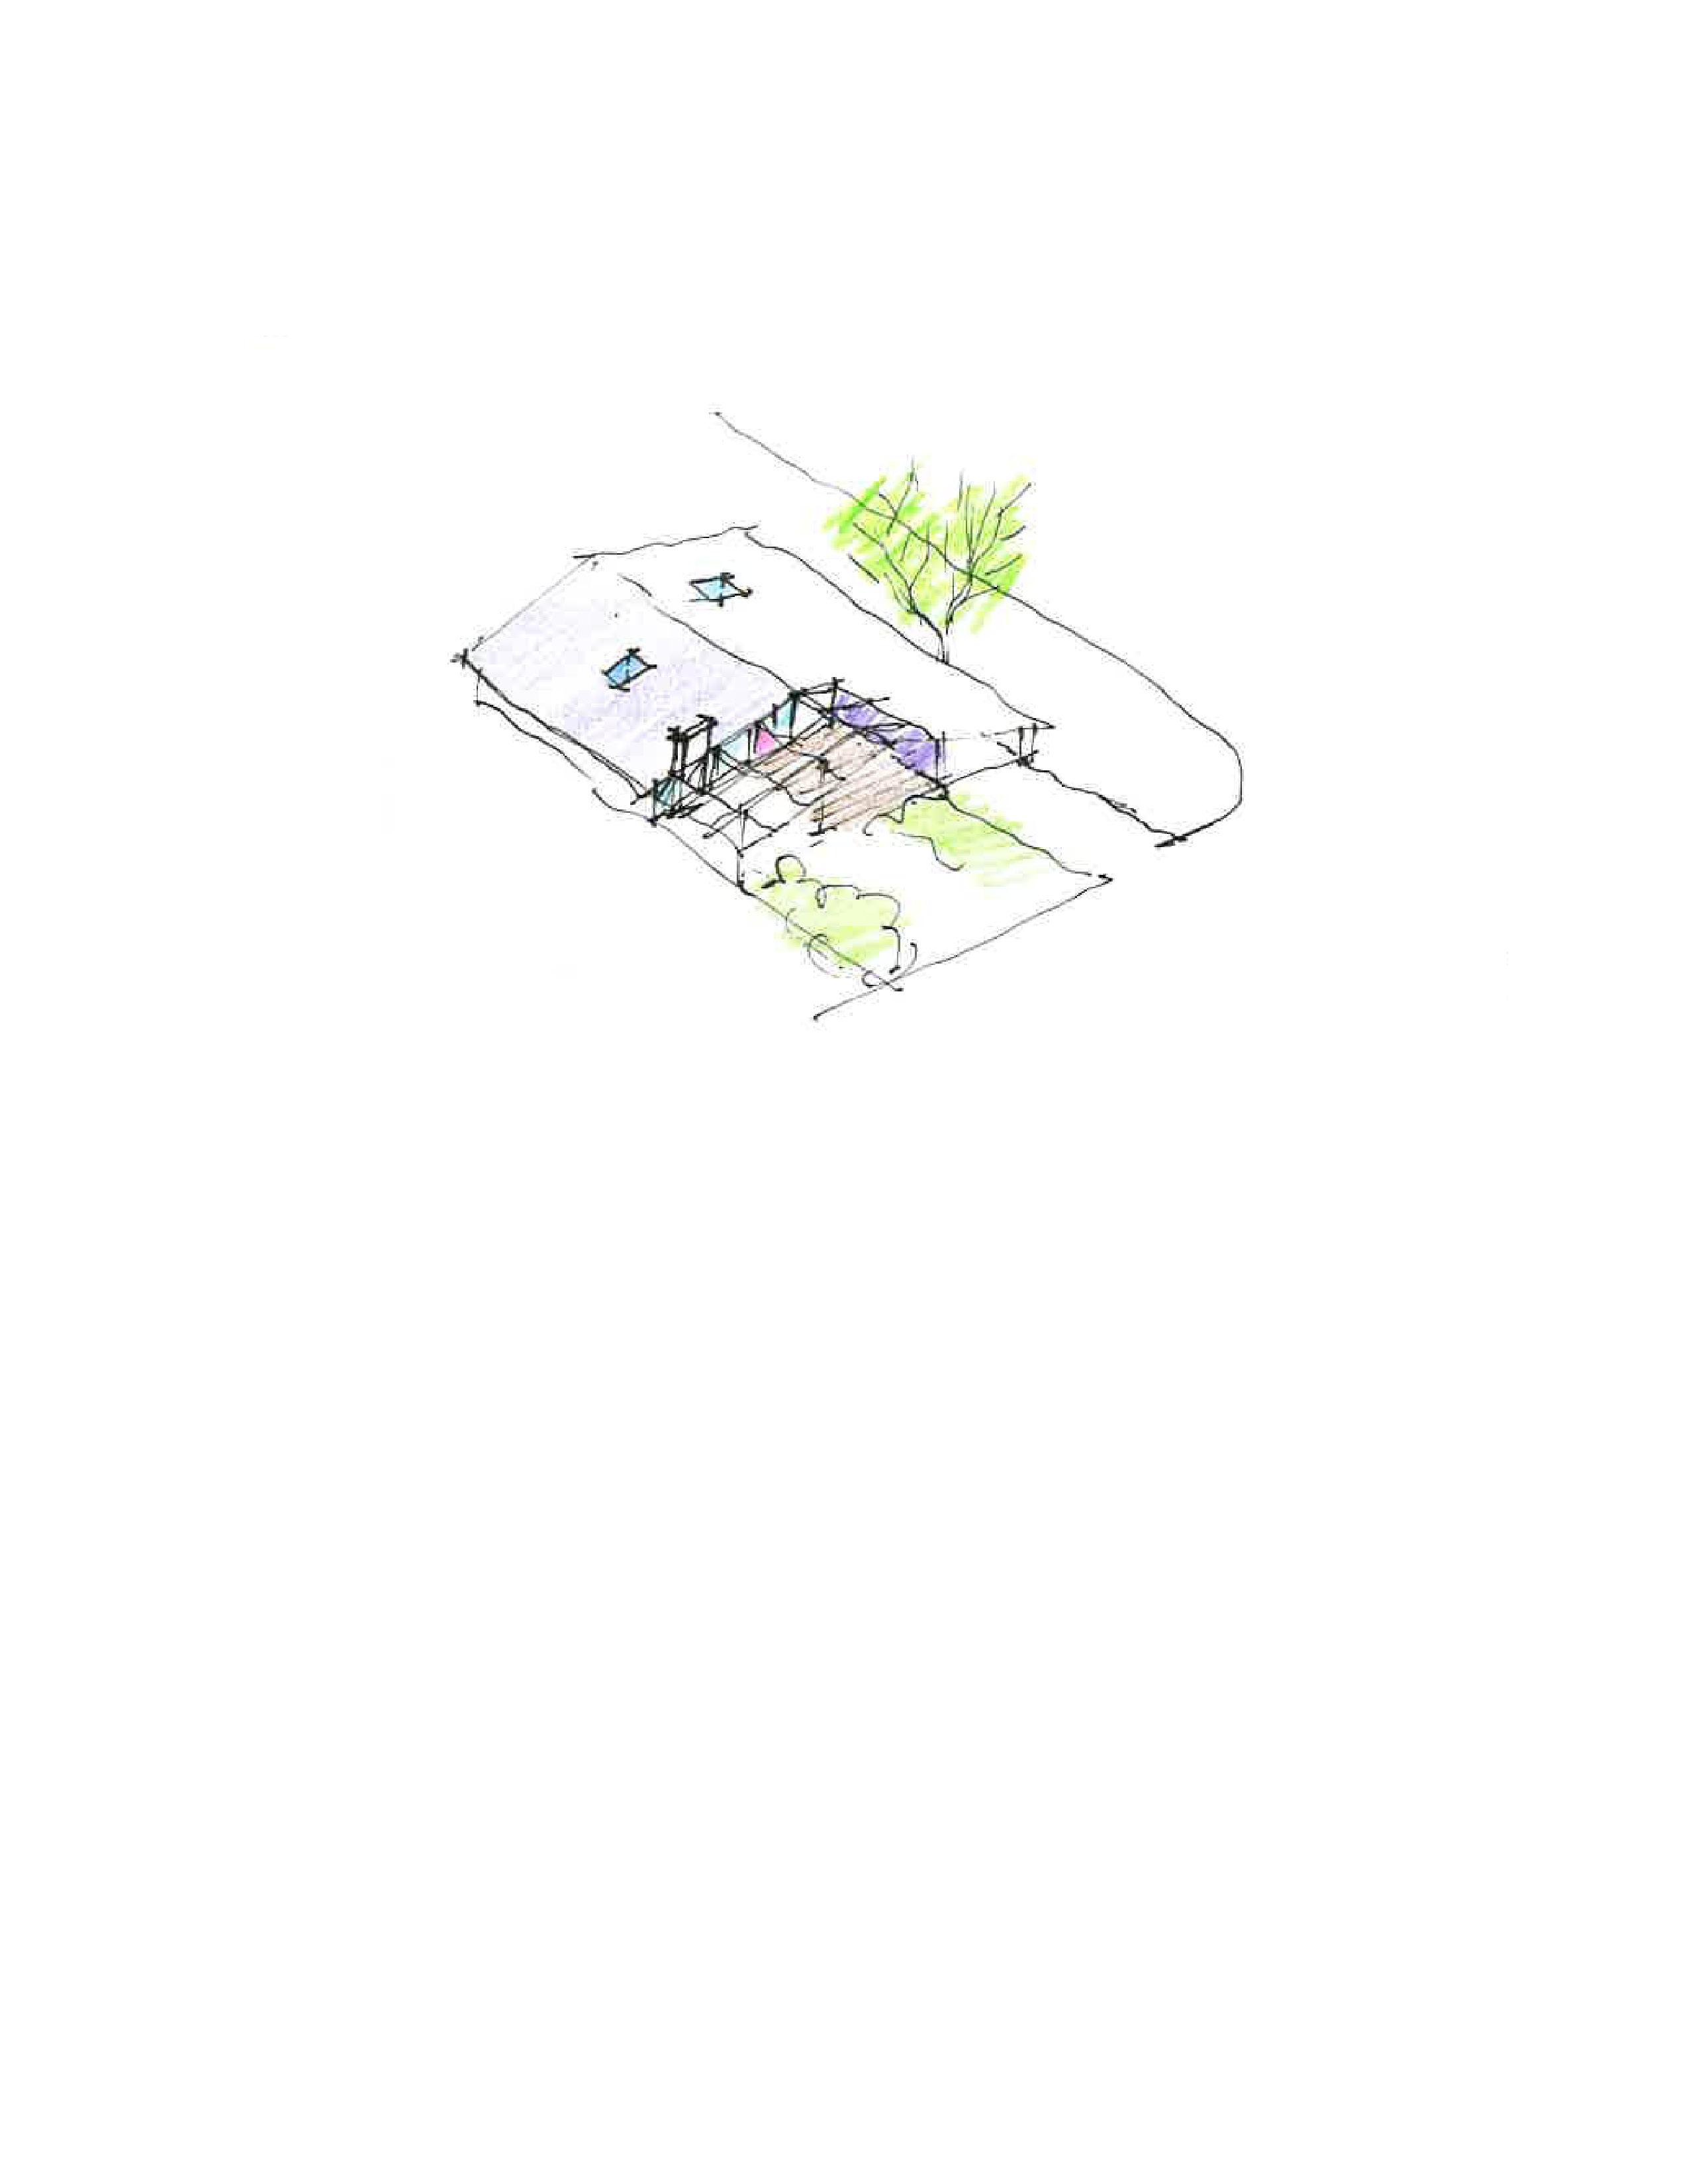 franks-sketch_image1-3_01-02-2012